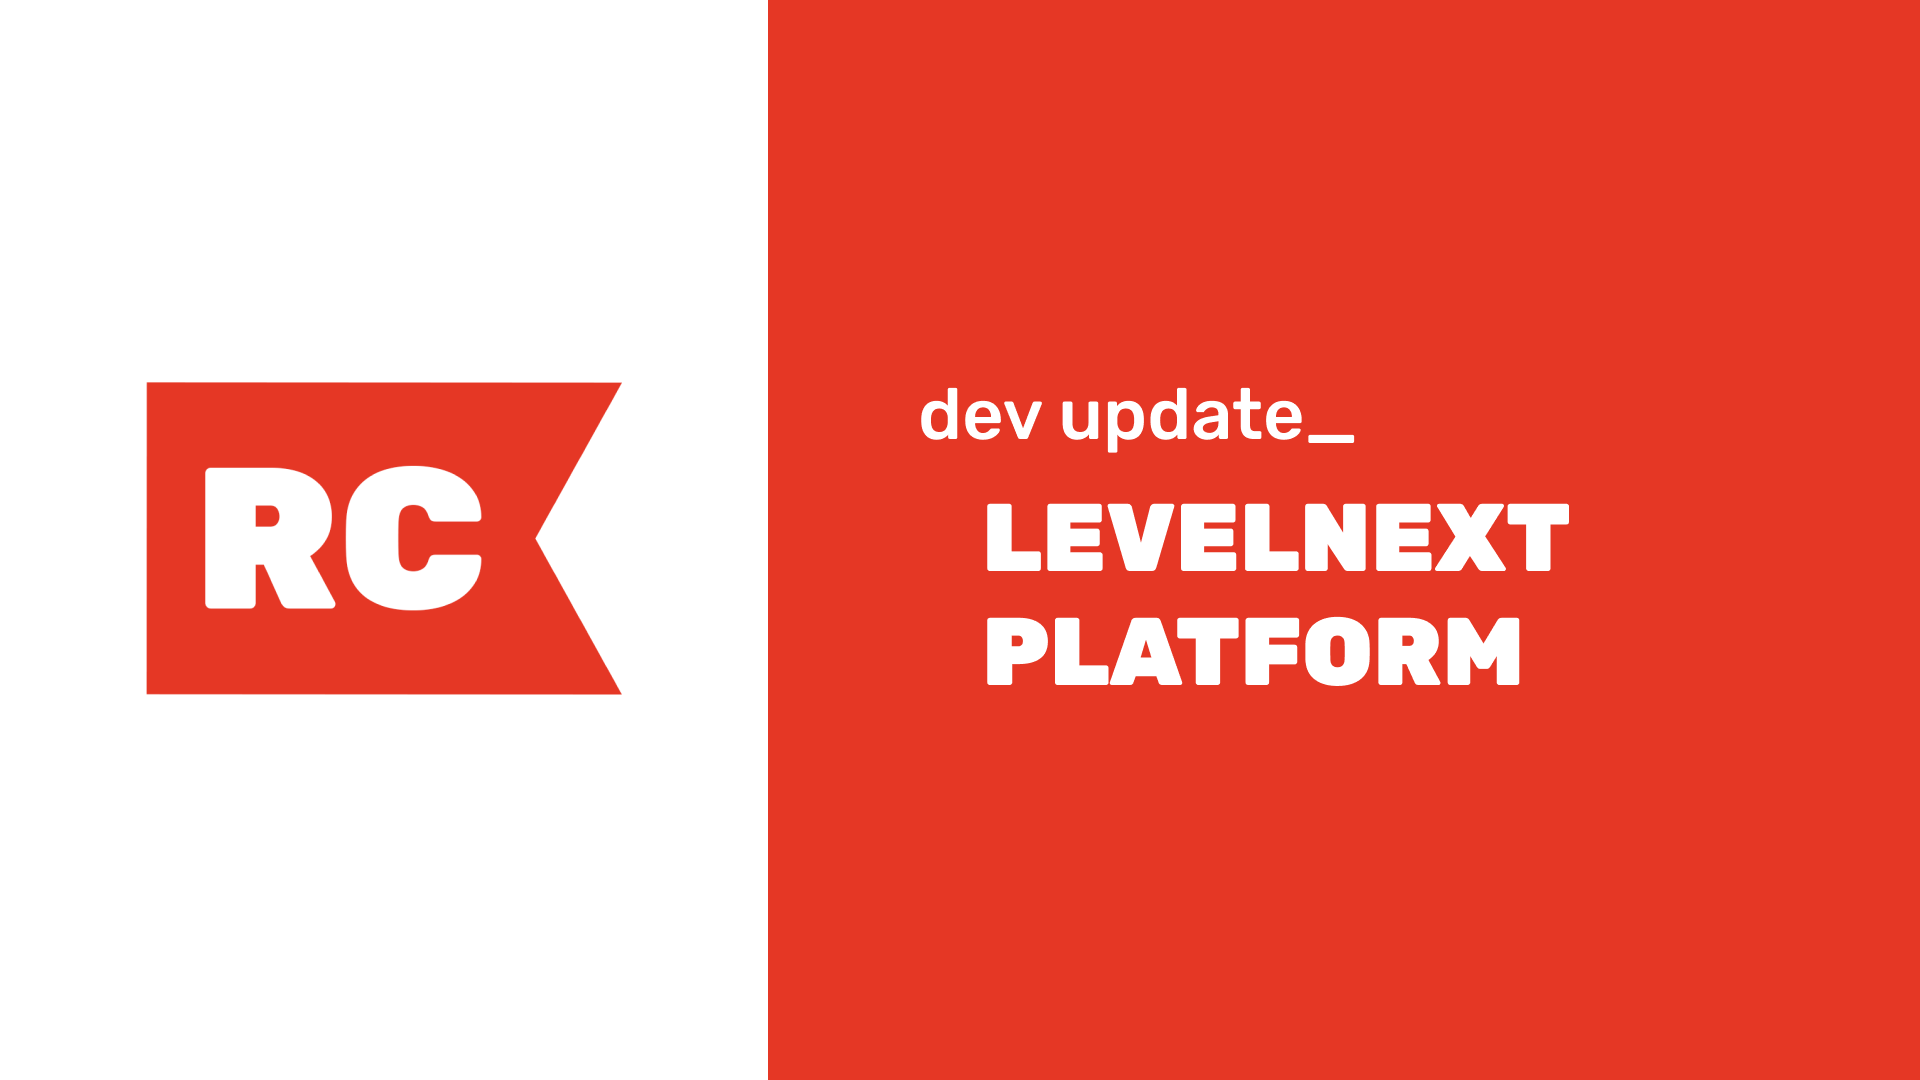 Dev Update: LevelNext Platform